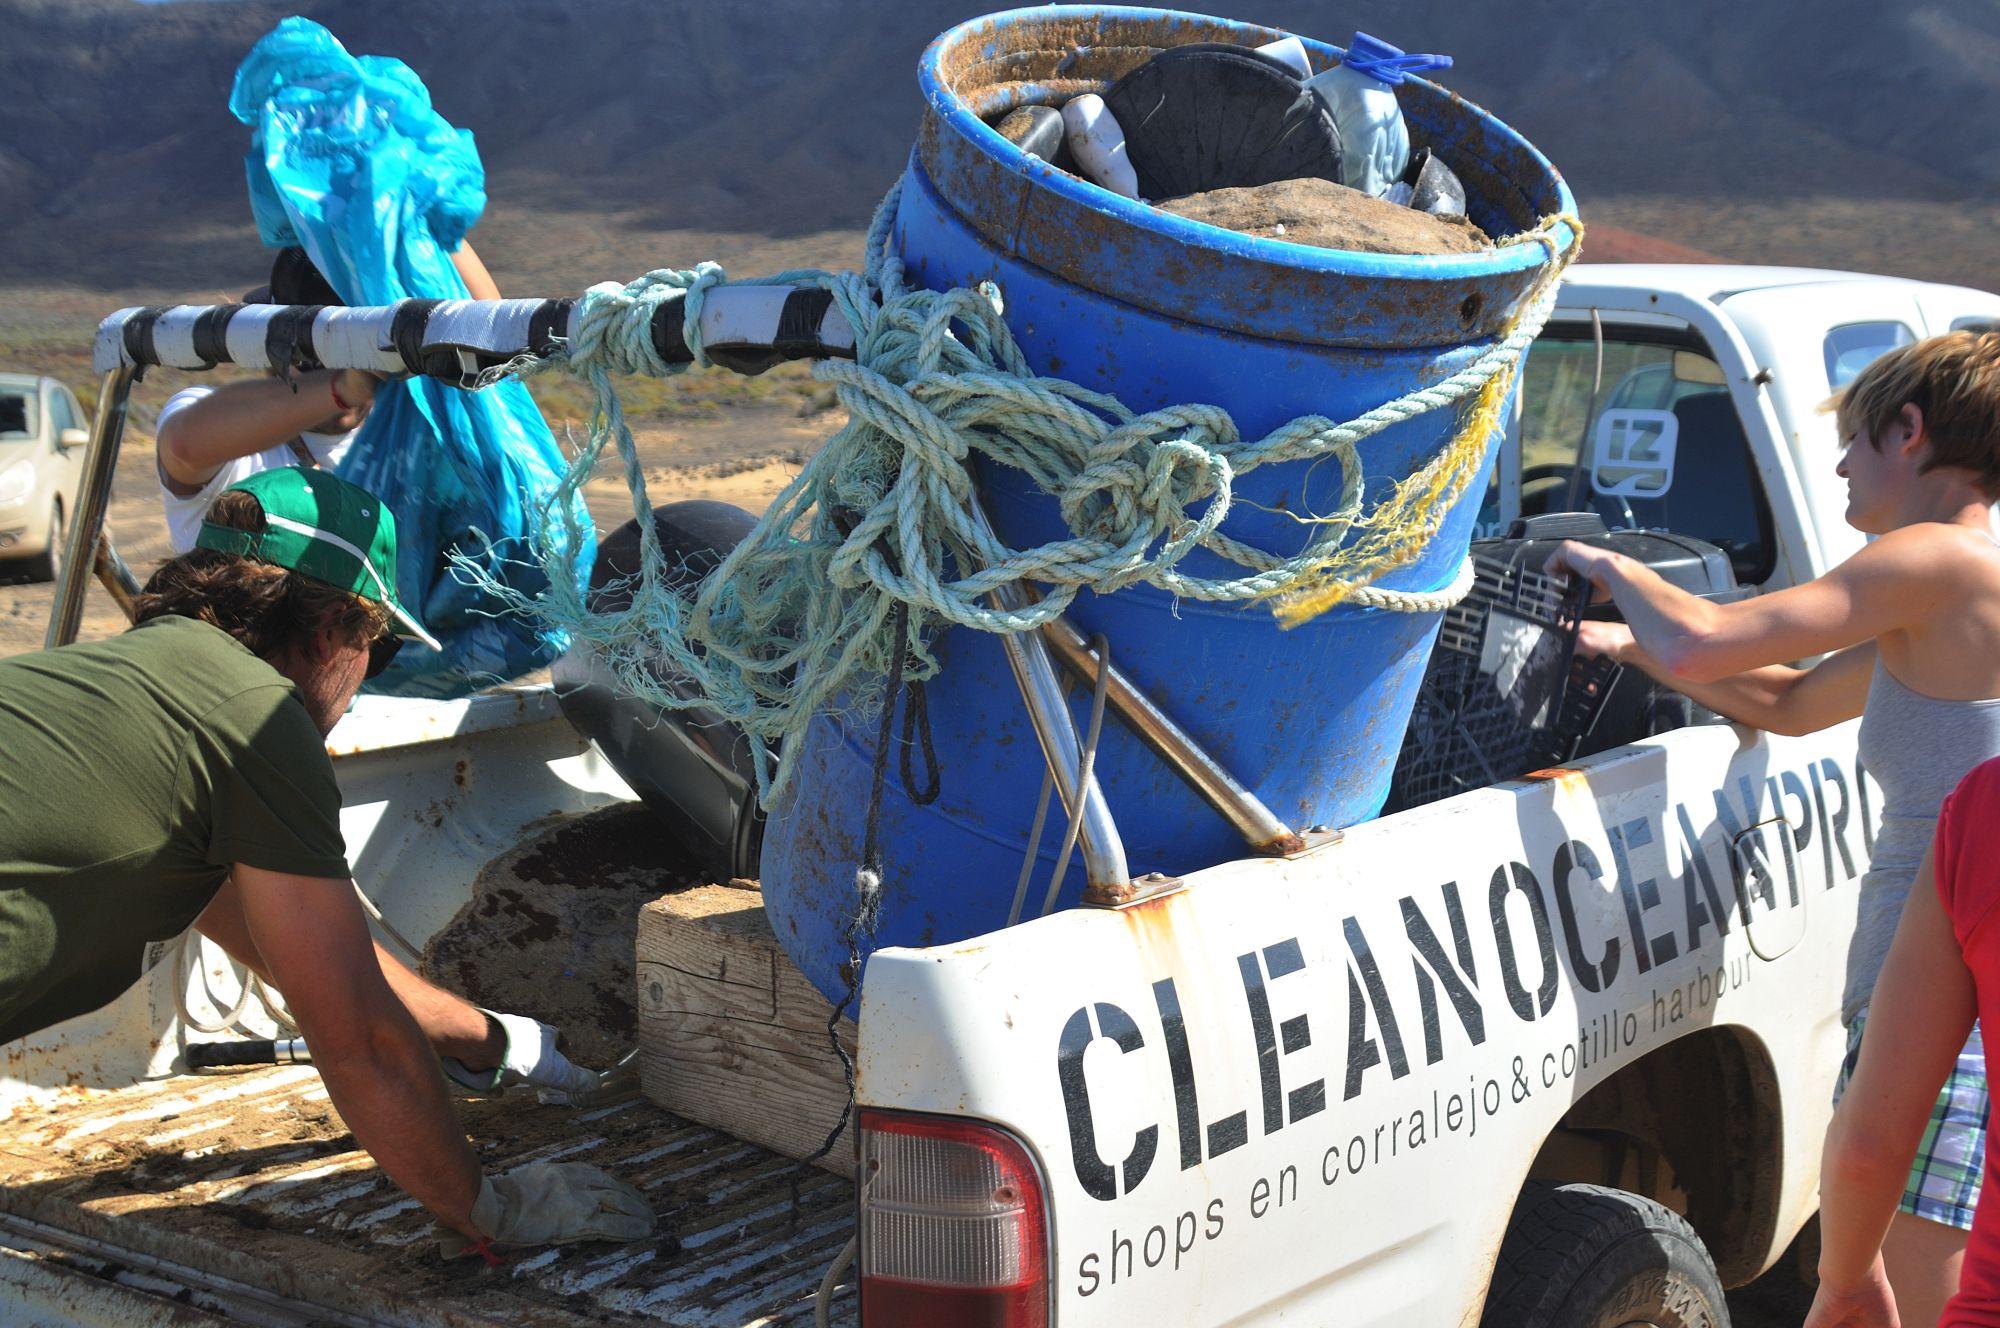 Das Clean Ocean Project setzt sich für den Schutz der Meere ein. Foto: Wim Geirnaert